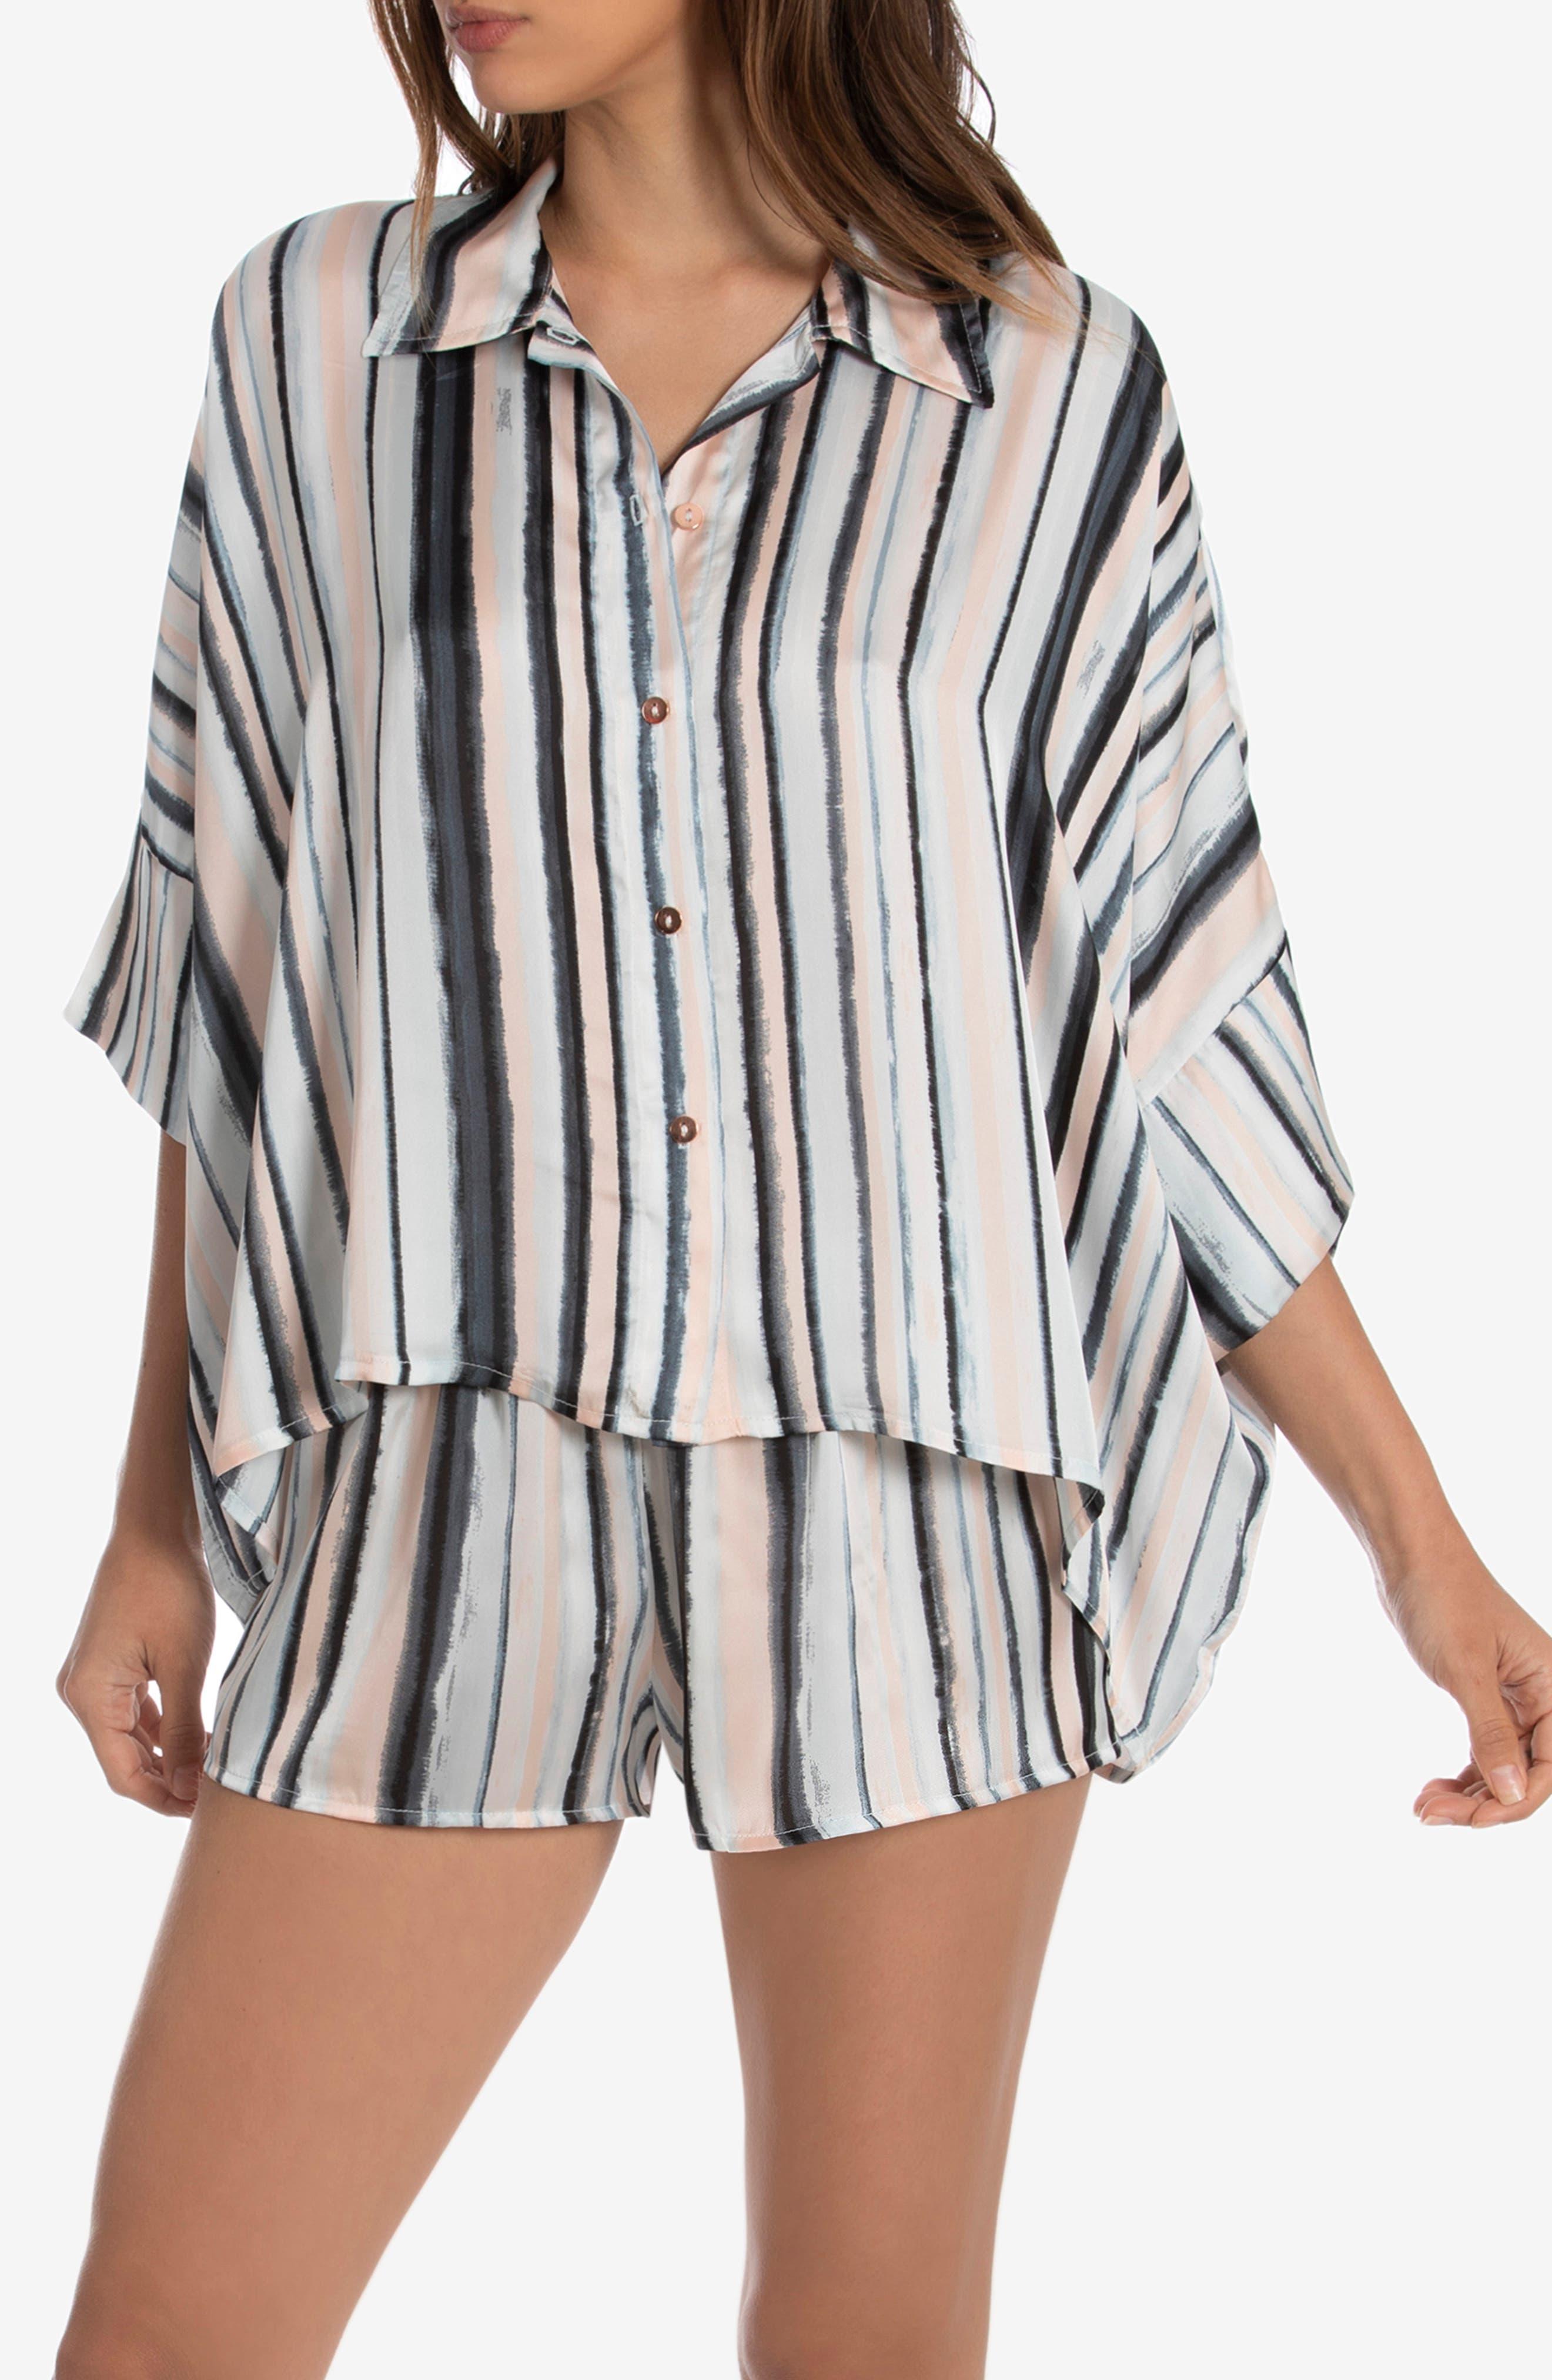 Stripe Satin Short Pajamas